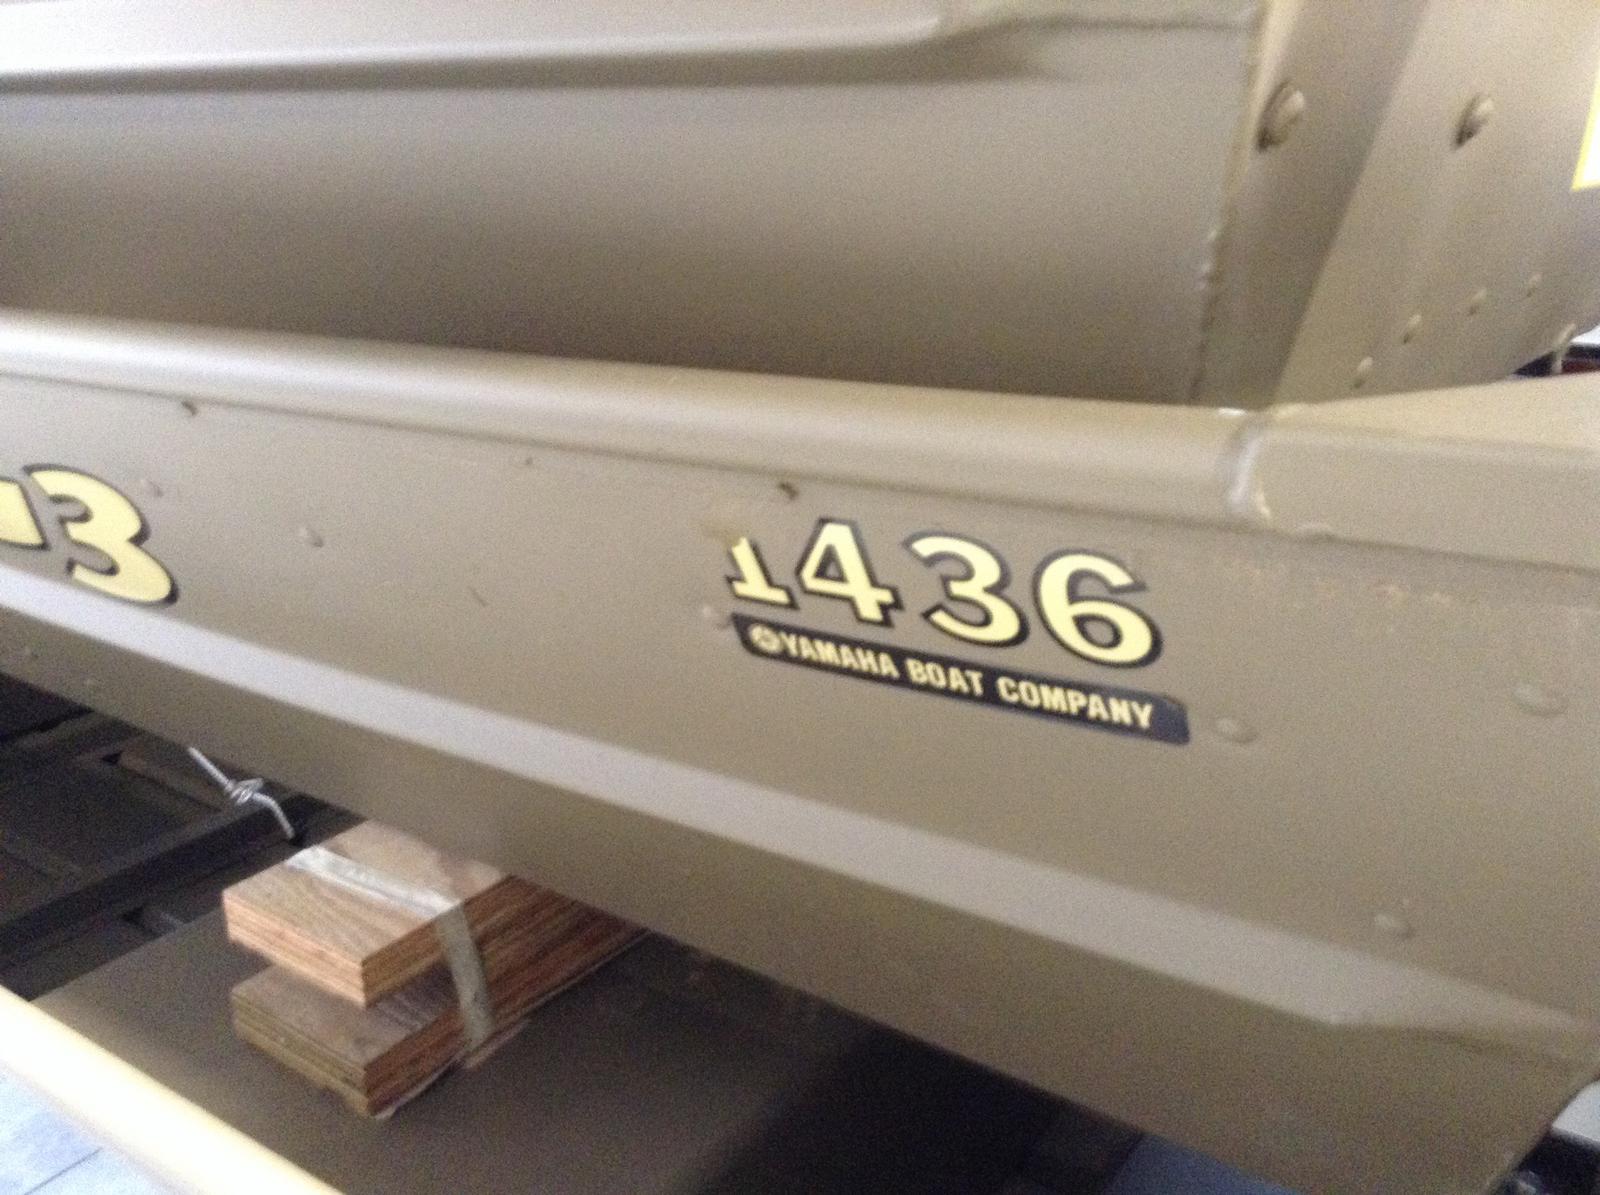 G3 1436 LW